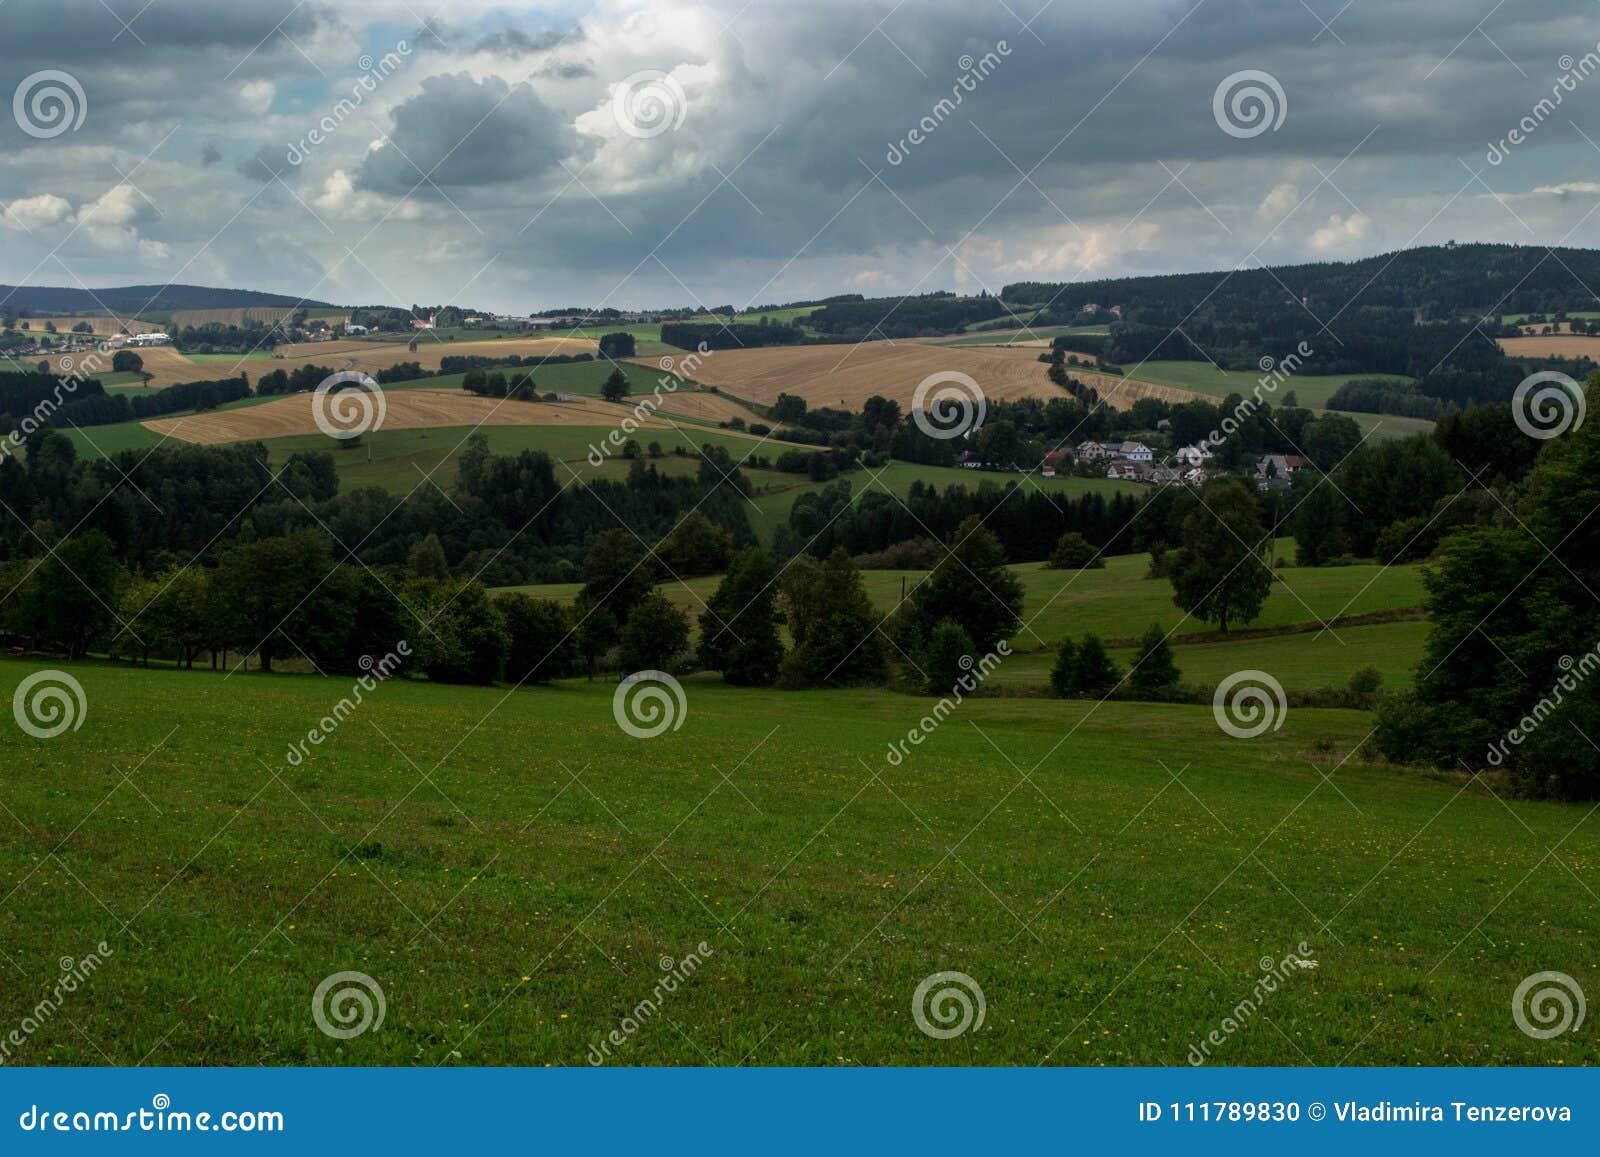 Prati verdi, campi gialli e foreste sotto le nuvole di tempesta